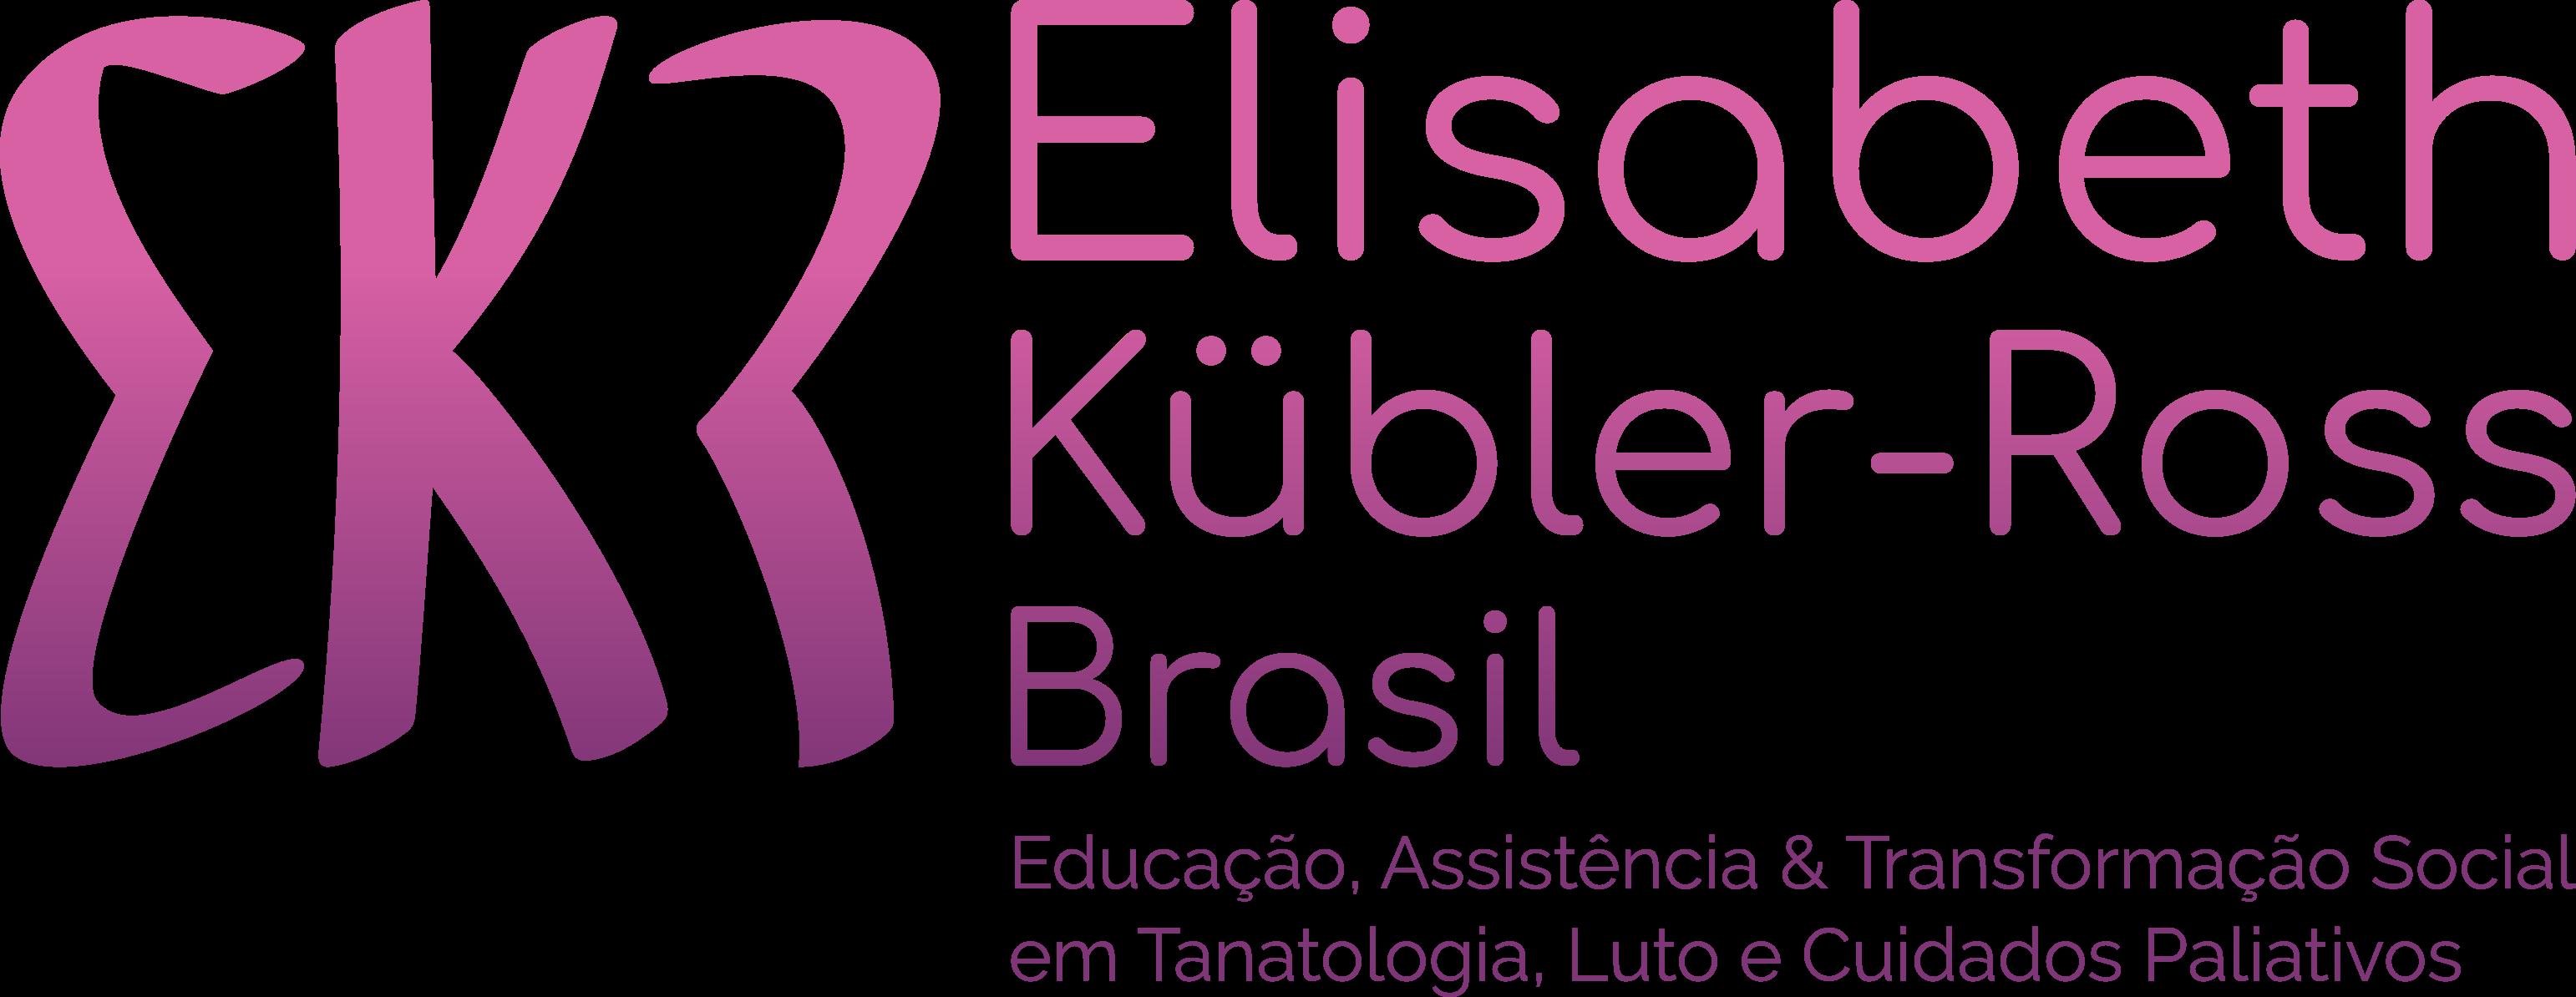 Fundação Elisabeth Kübler-Ross Brasil